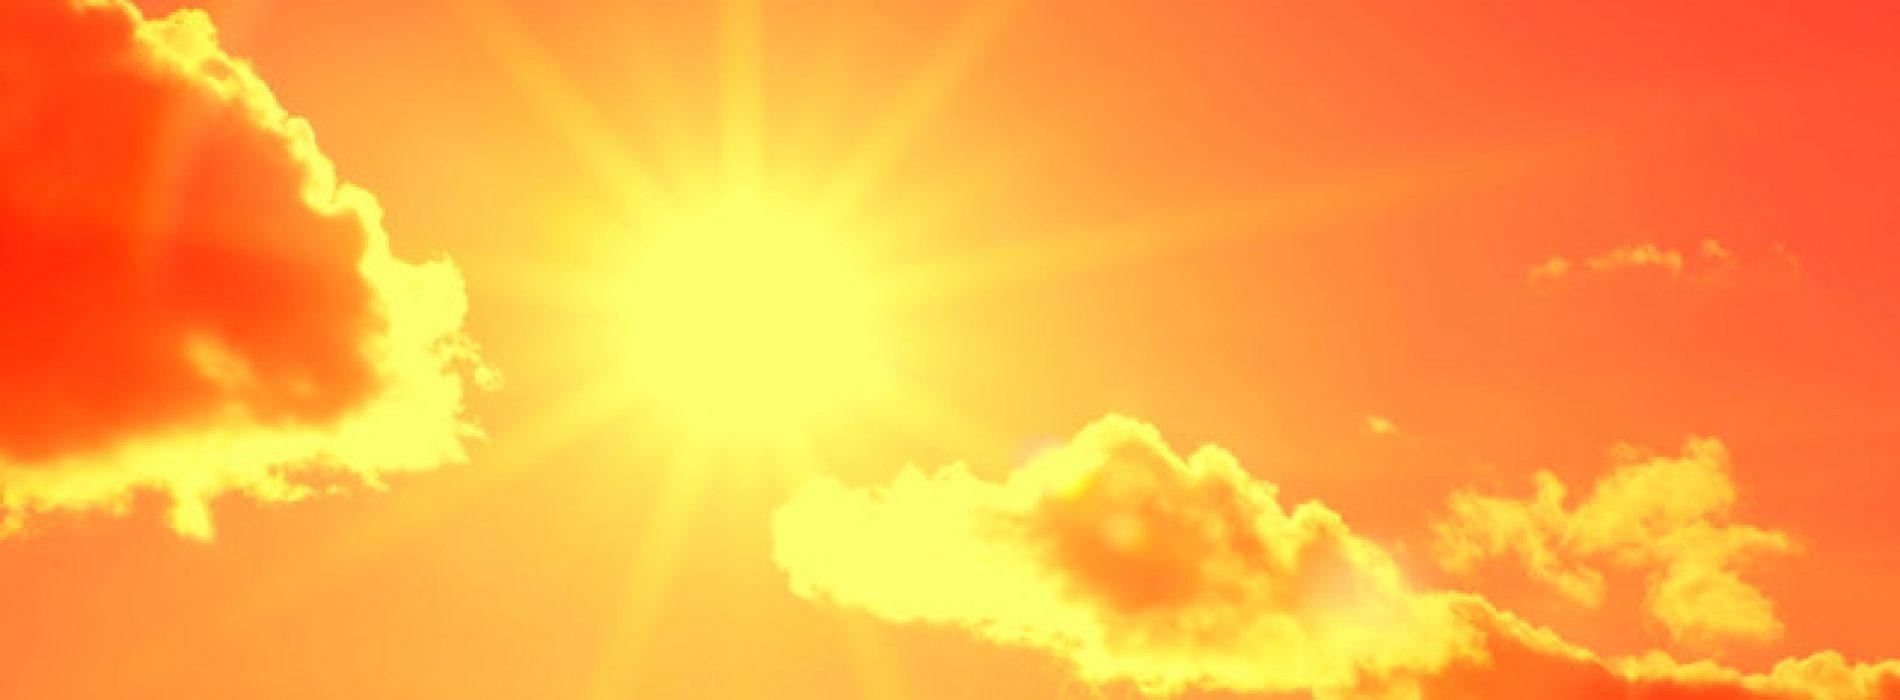 Nieuwe studies tonen aan dat vitamine D een sleutelfactor kan zijn bij het bestrijden van Covid-19-infecties